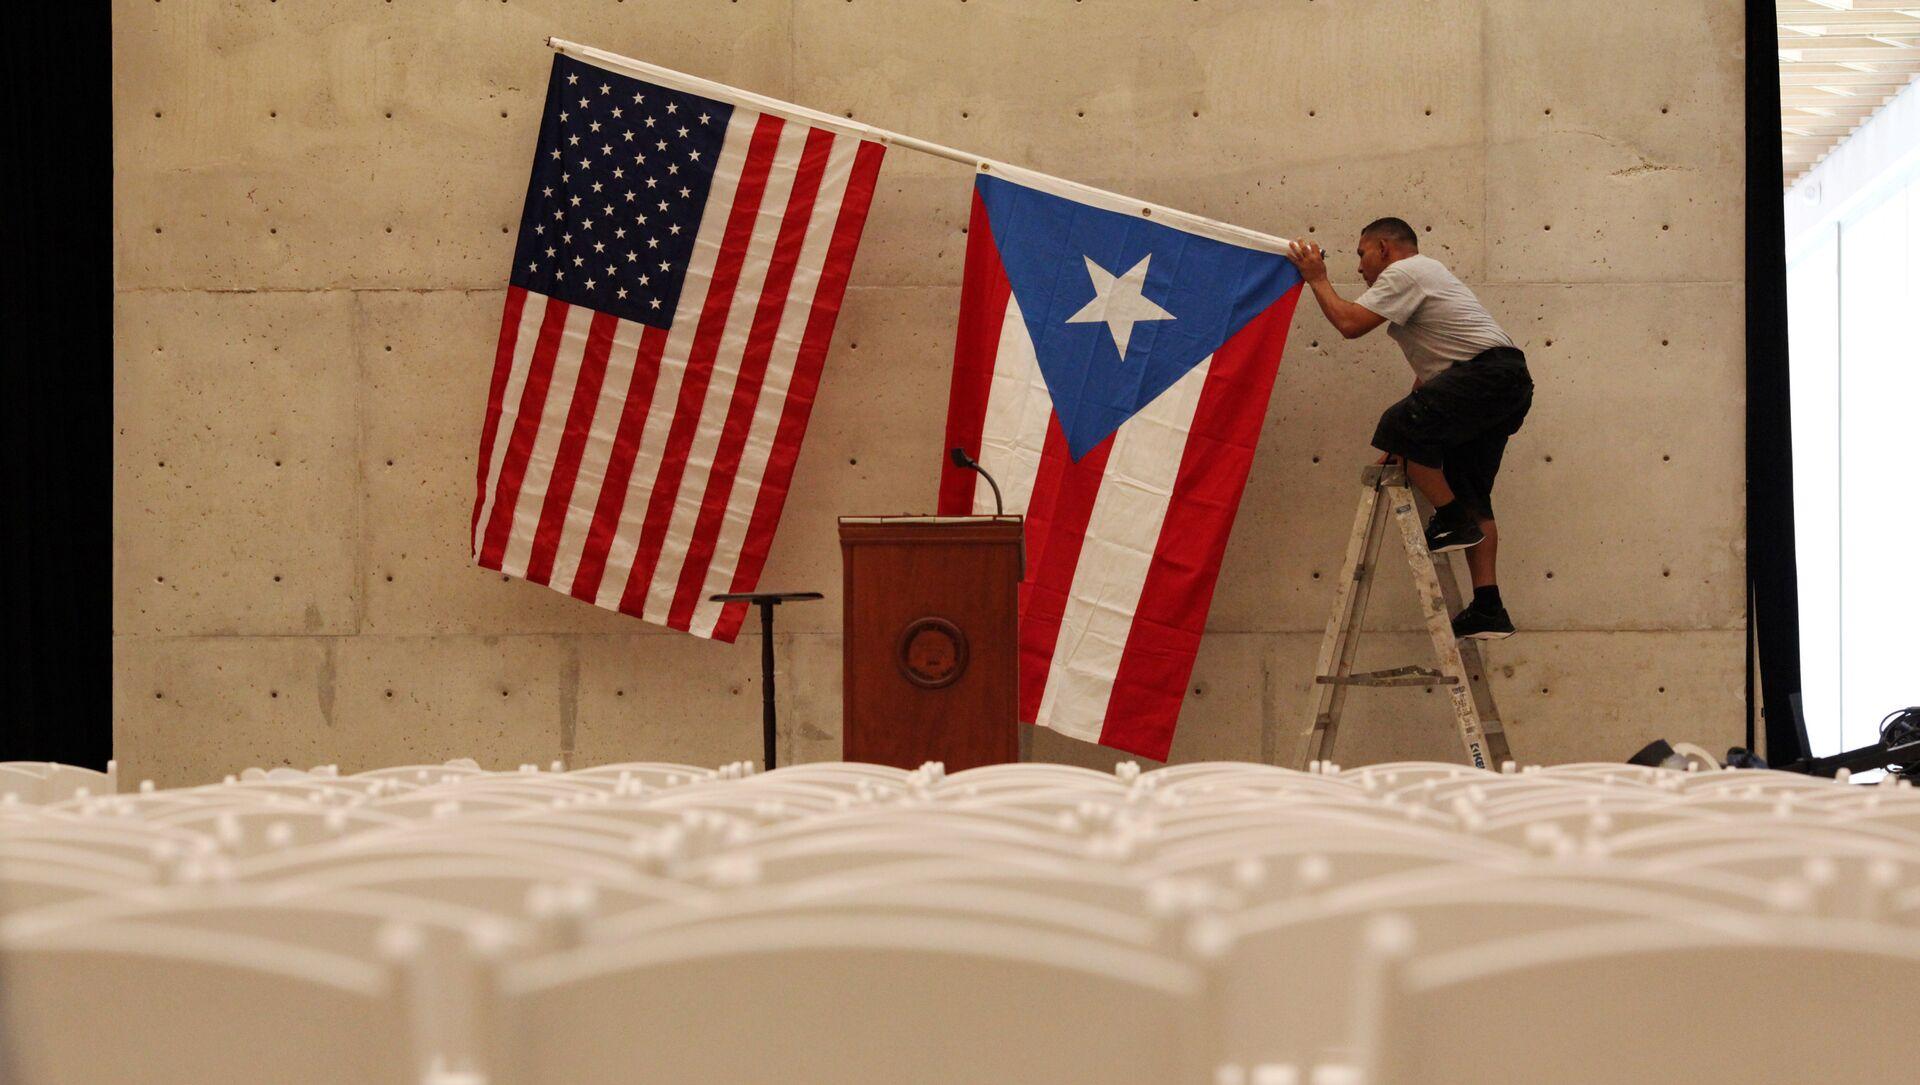 Banderas de EEUU y Puerto Rico - Sputnik Mundo, 1920, 22.09.2018